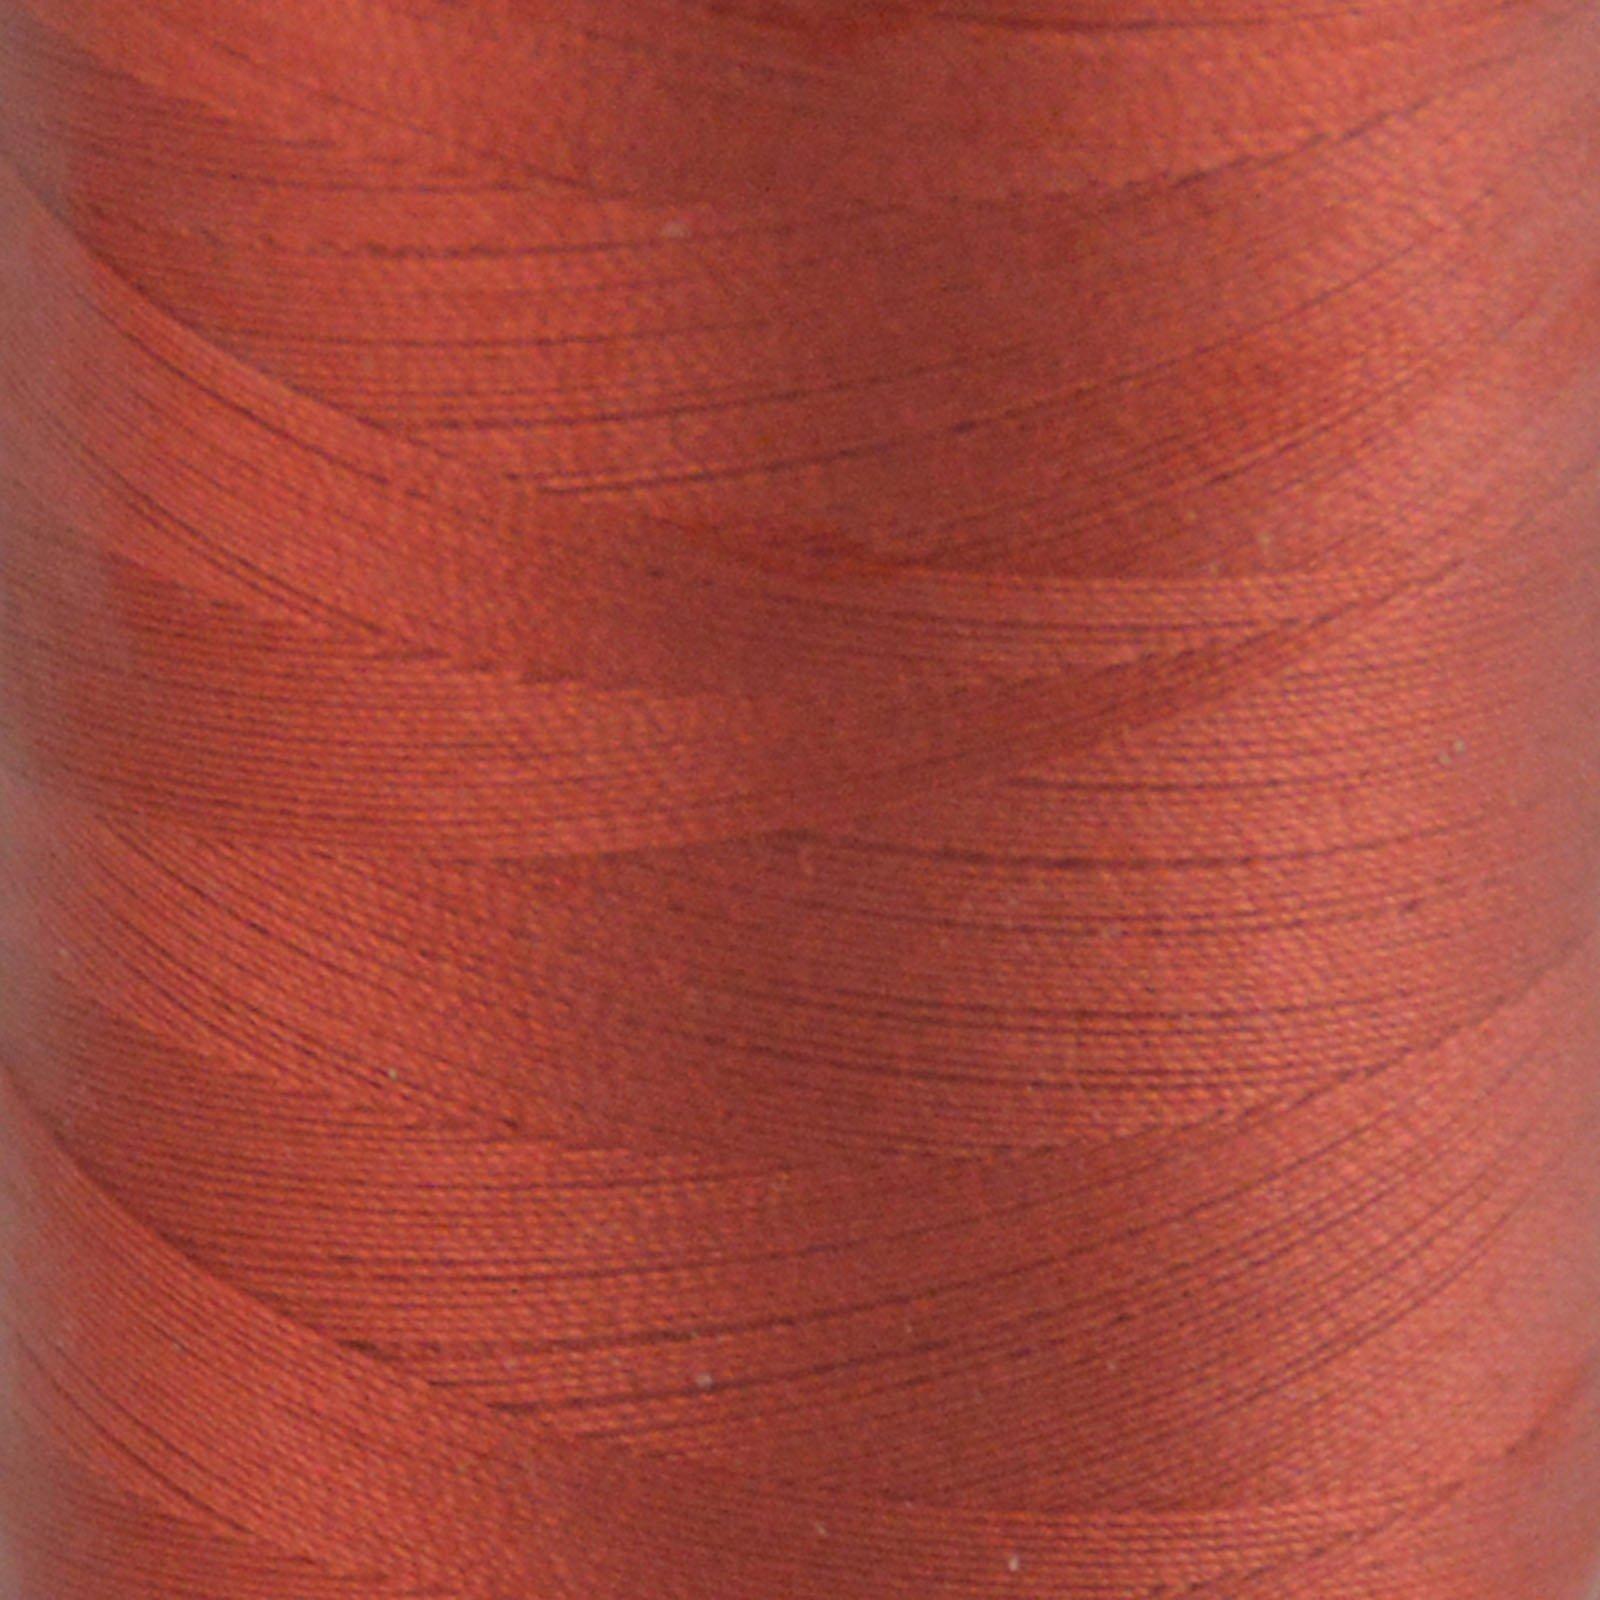 # 2255 Dark Red Orange